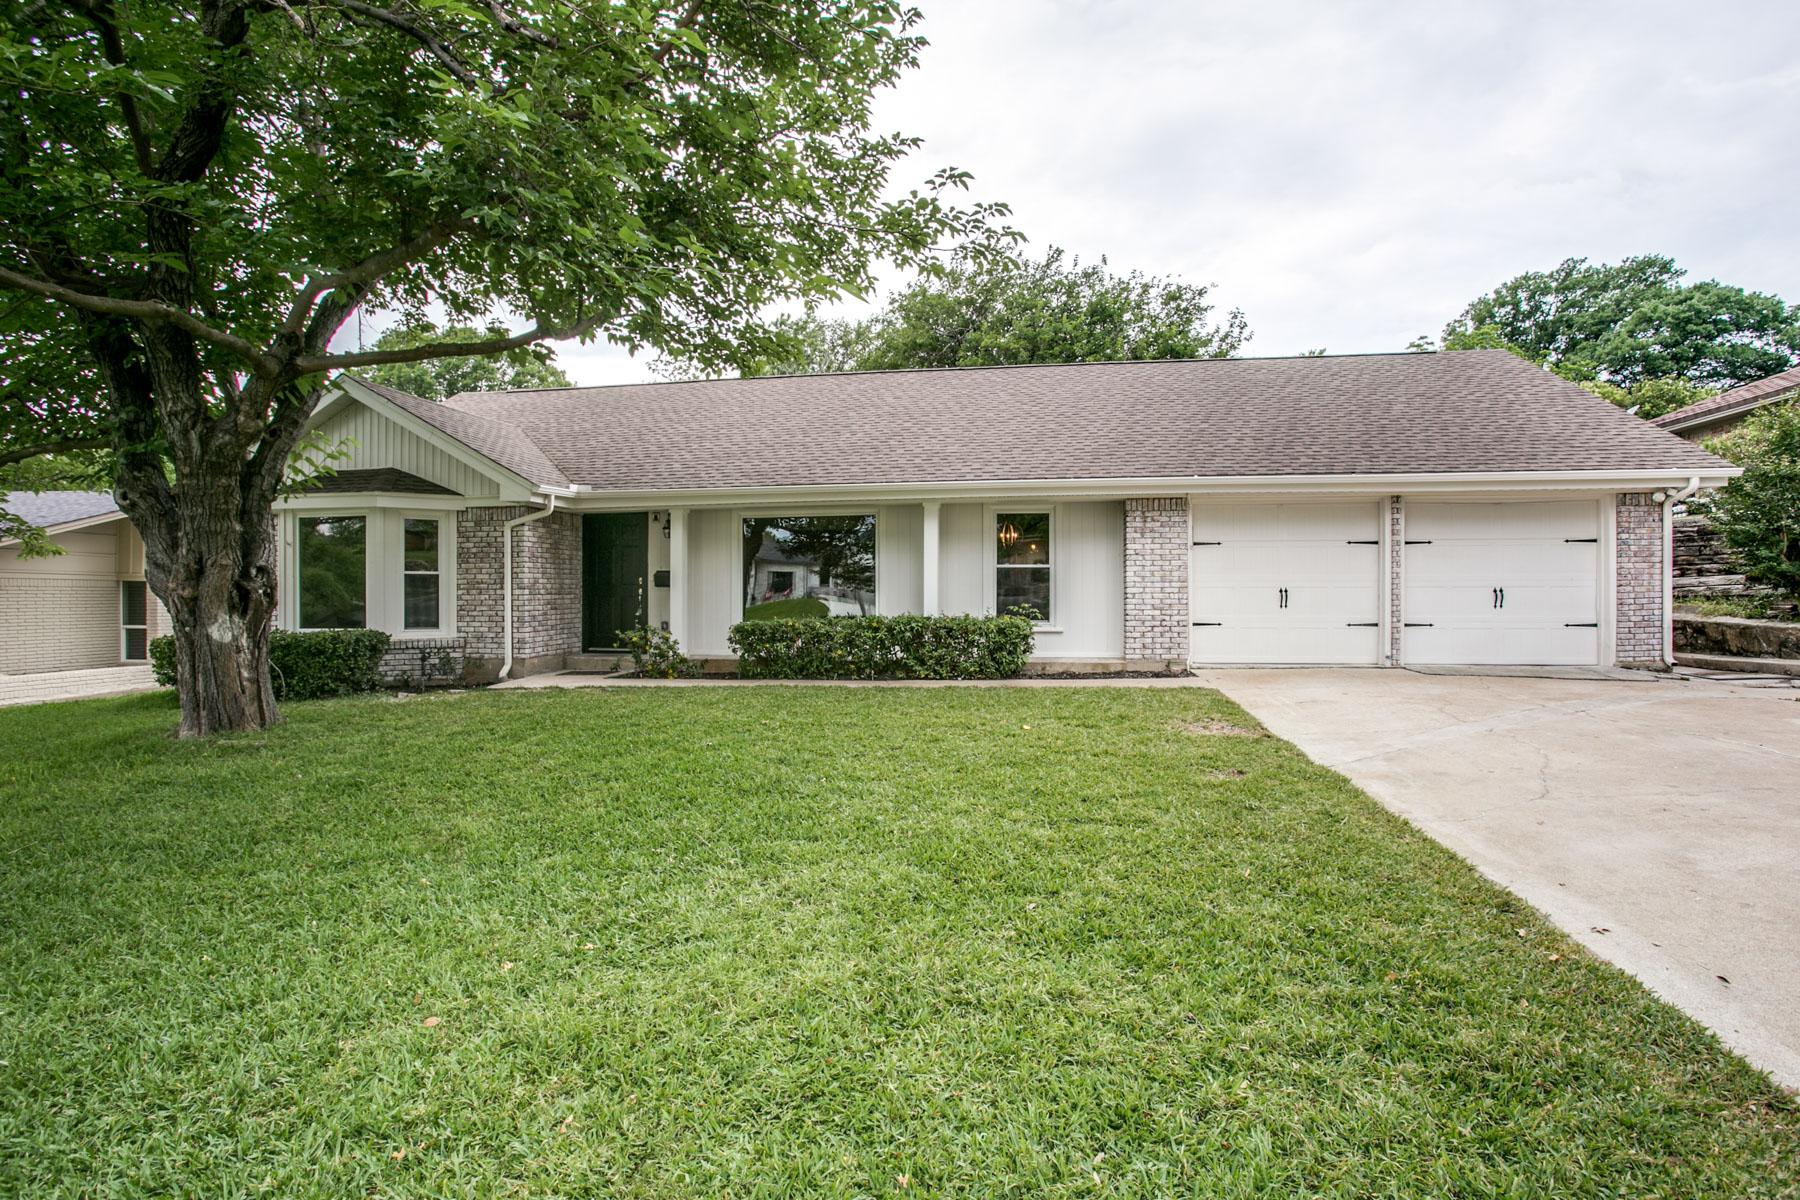 Maison unifamiliale pour l Vente à 4412 Tamworth Rd, Fort Worth Fort Worth, Texas, 76116 États-Unis